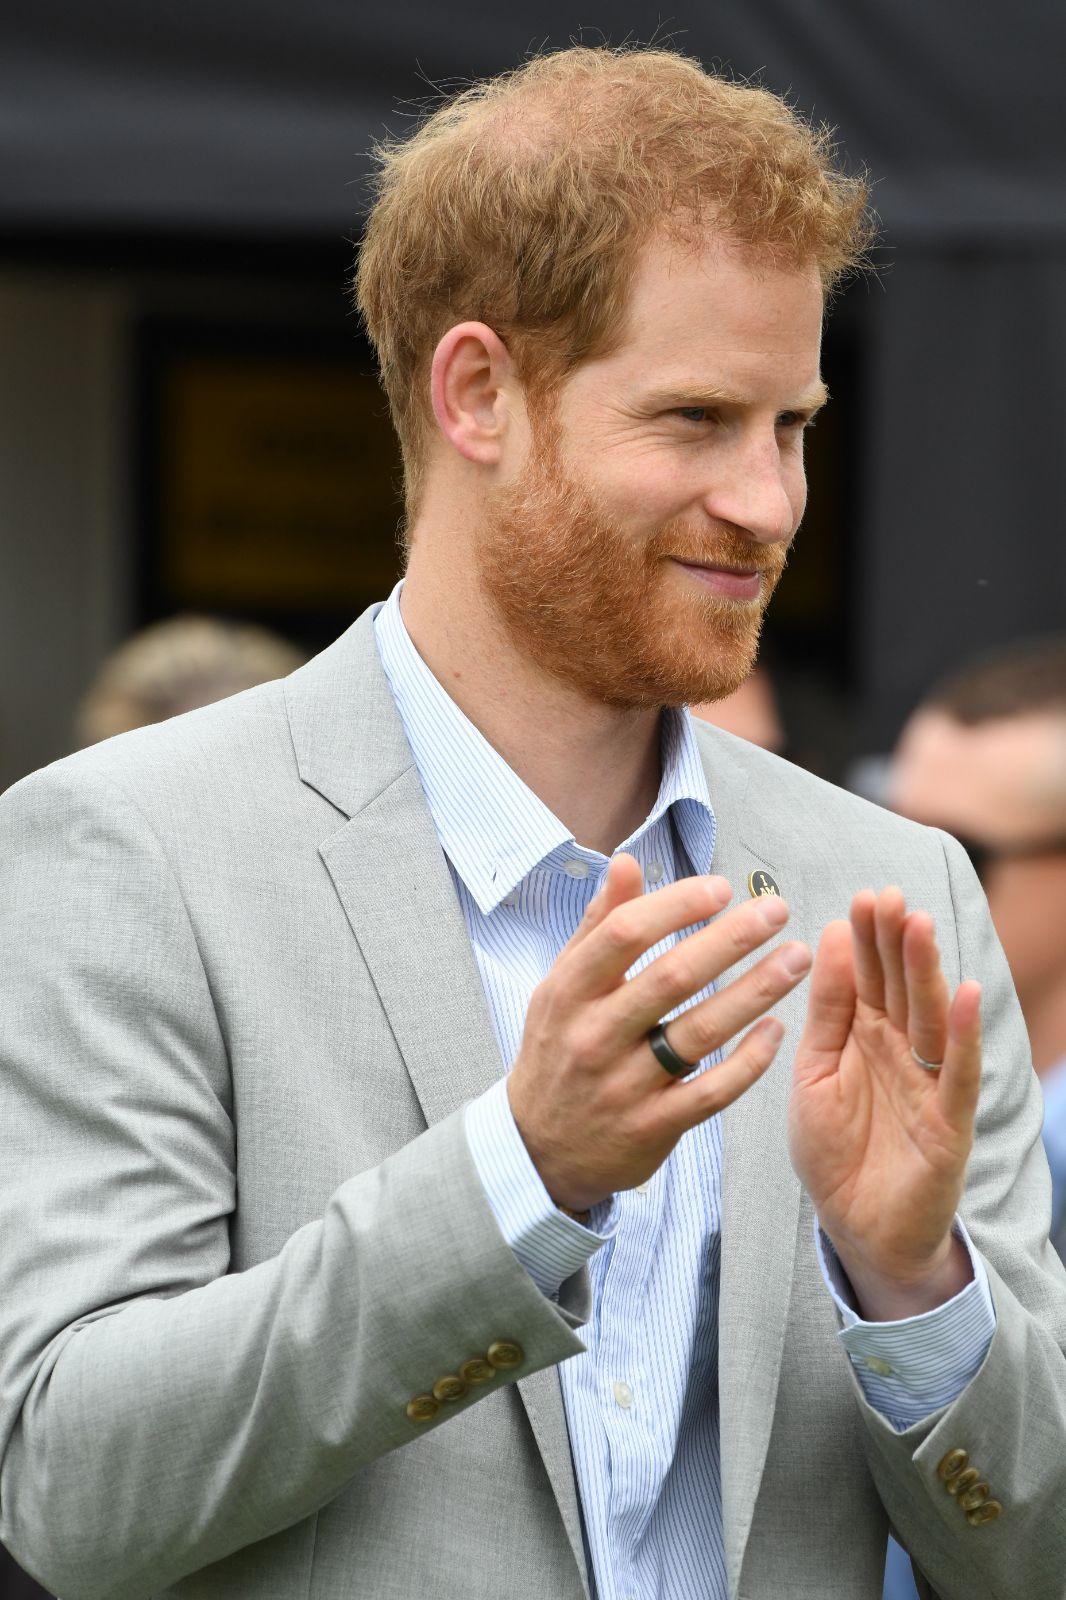 Prens Harry'nin parmağındaki yüzüğün sırrı